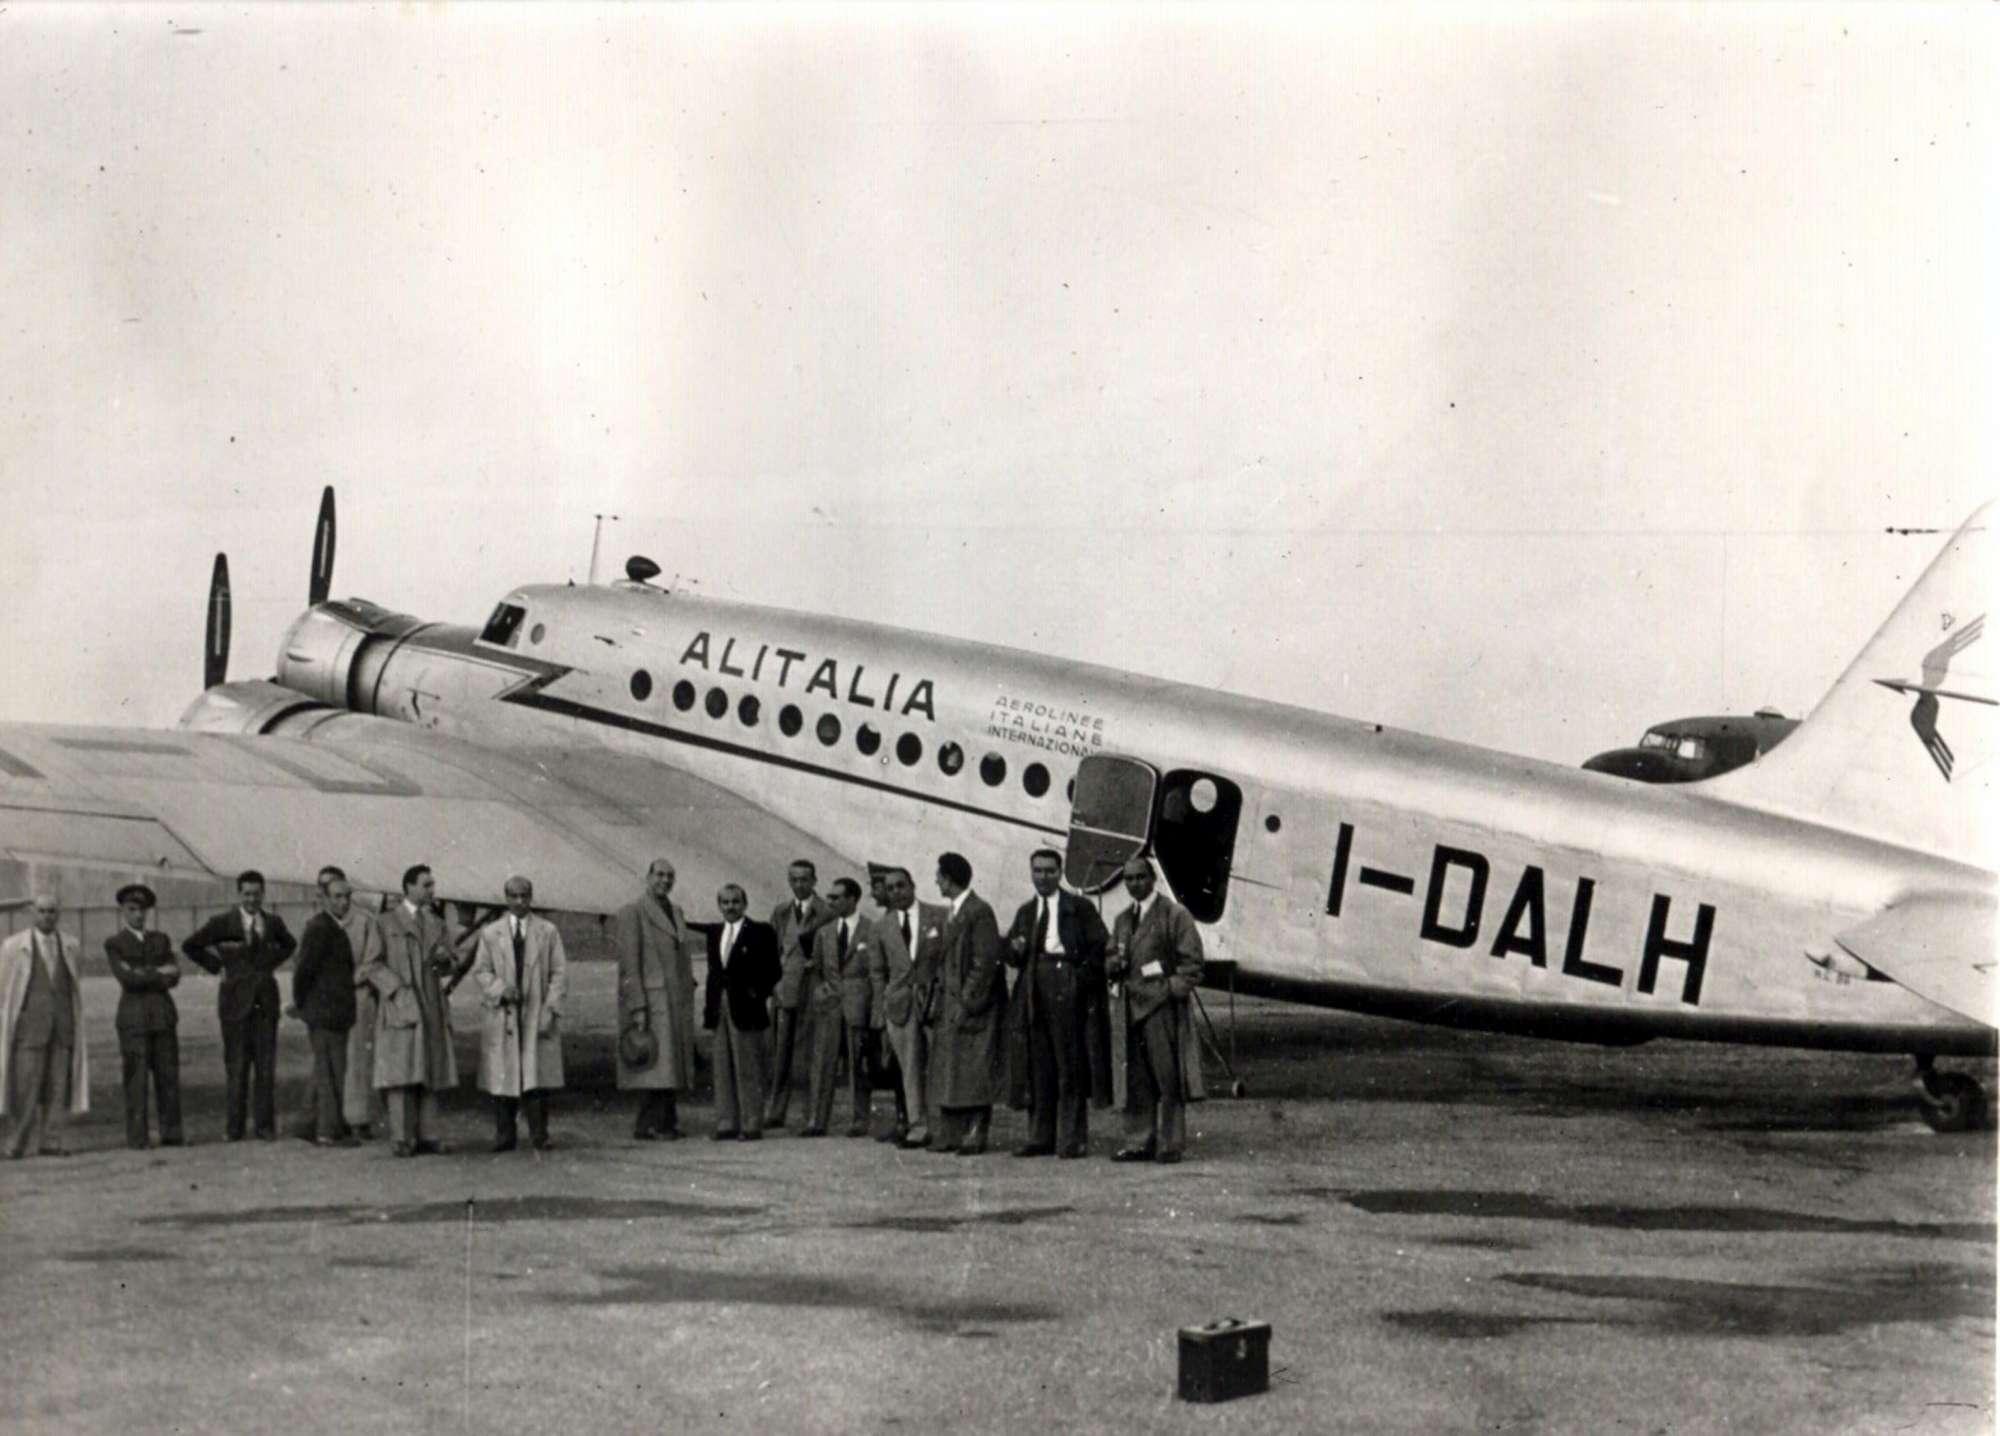 Foto dal mondo del 5 maggio: il primo volo dell'Alitalia